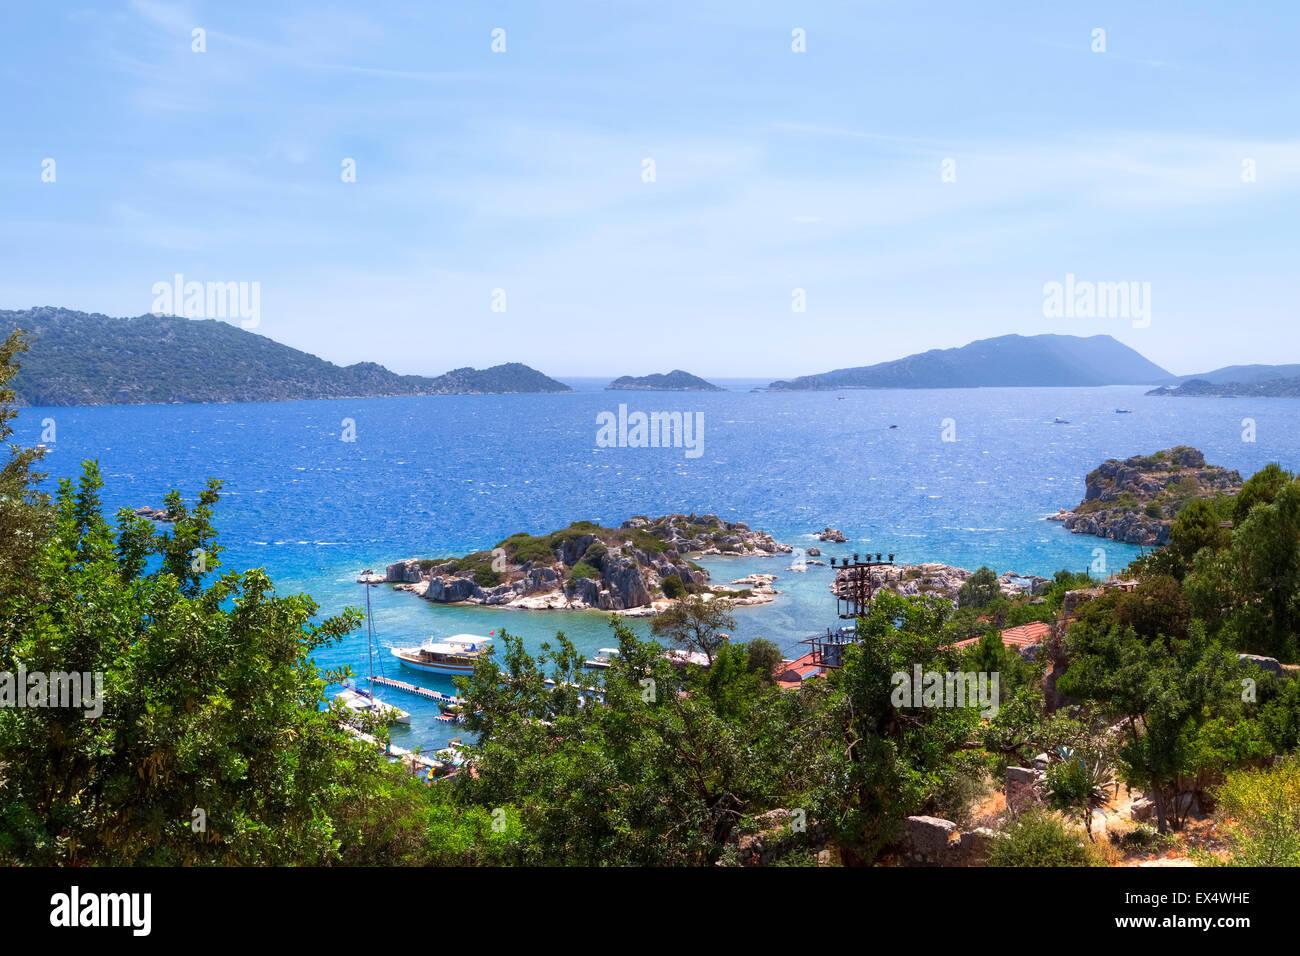 Kekova archipelago, Antalya, Turkey - Stock Image